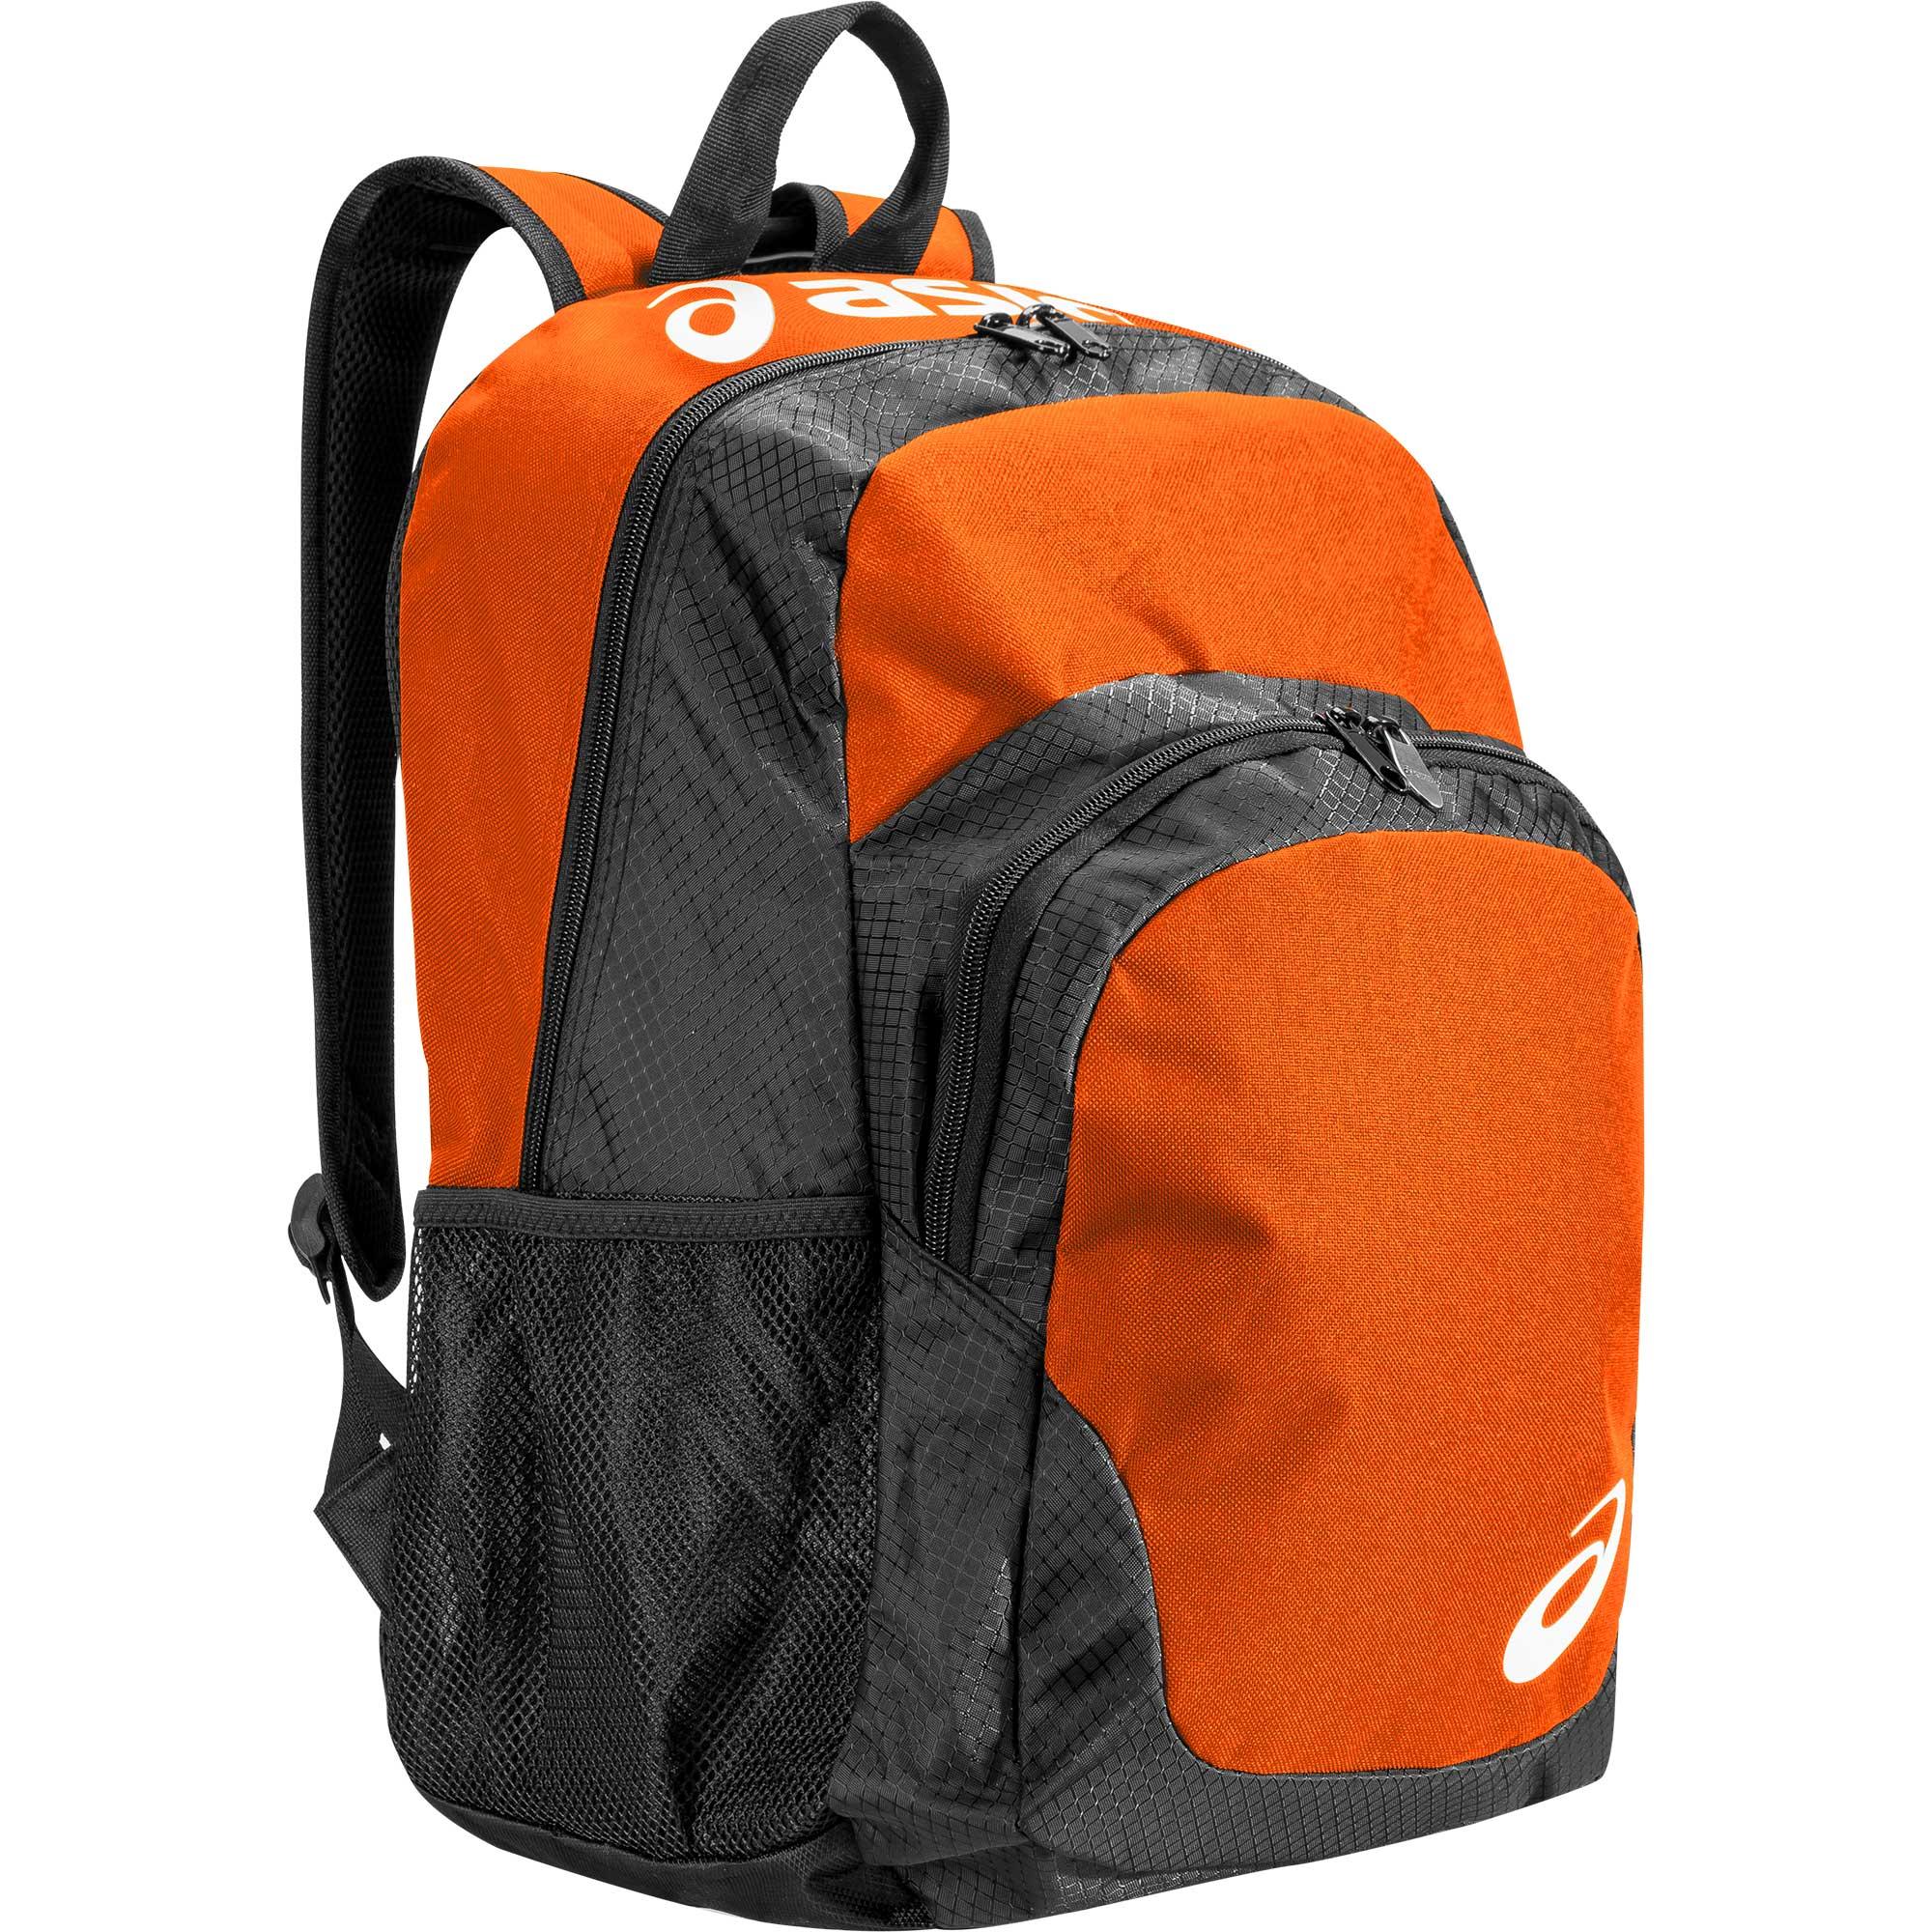 ASICS Team Backpack Gear Bags   WrestlingMart   Free Shipping